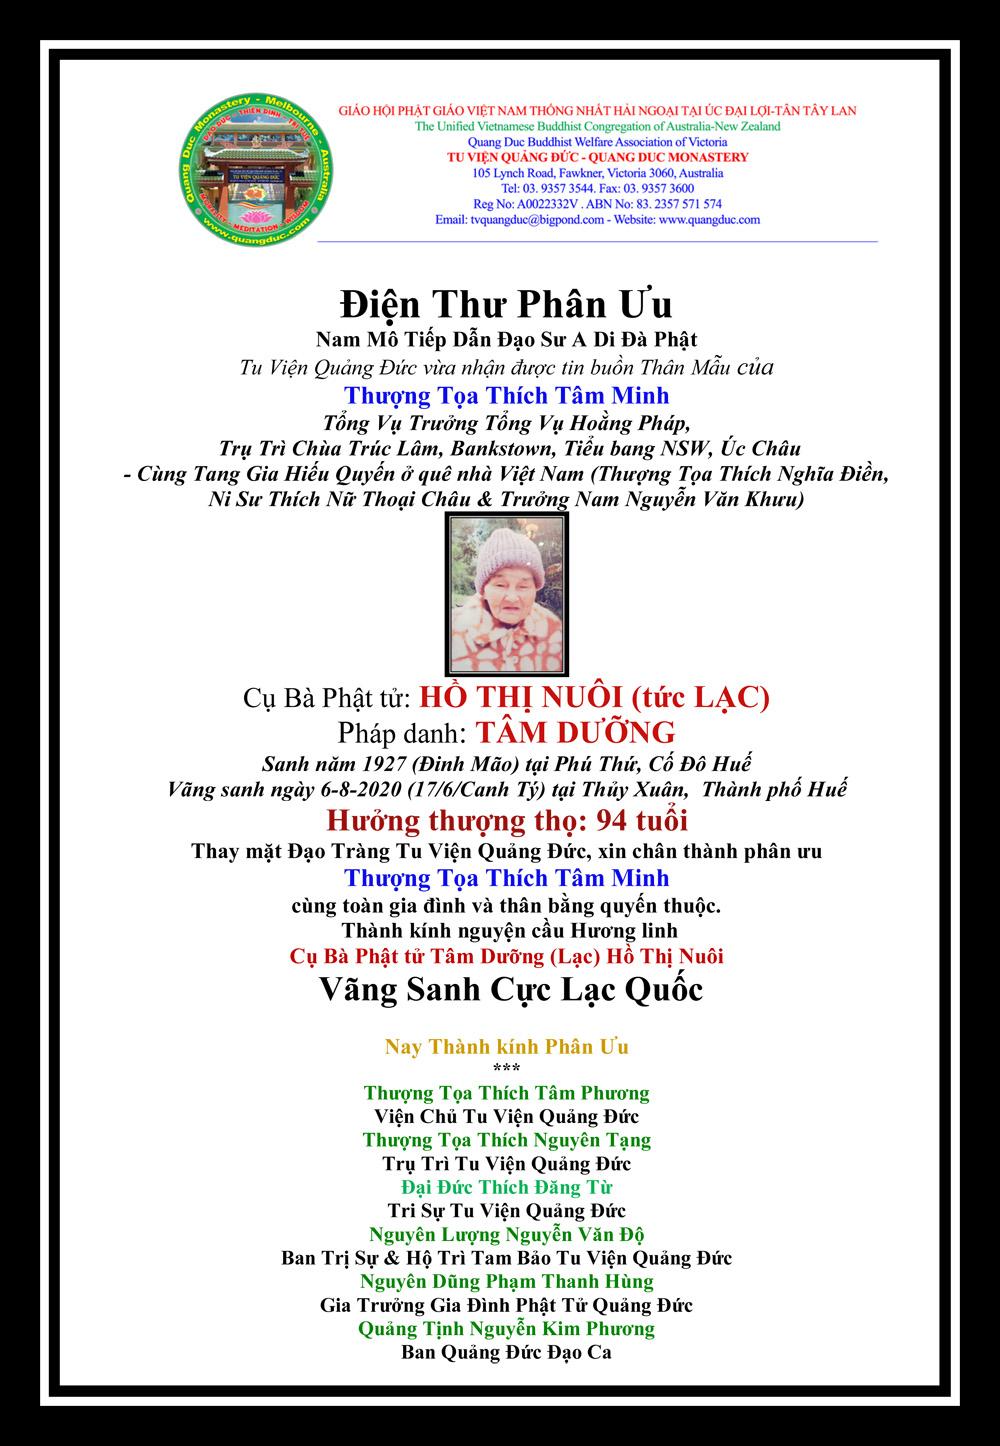 Cu Ba Ho Thi Nuoi_Tam Duong-tvquangduc-2